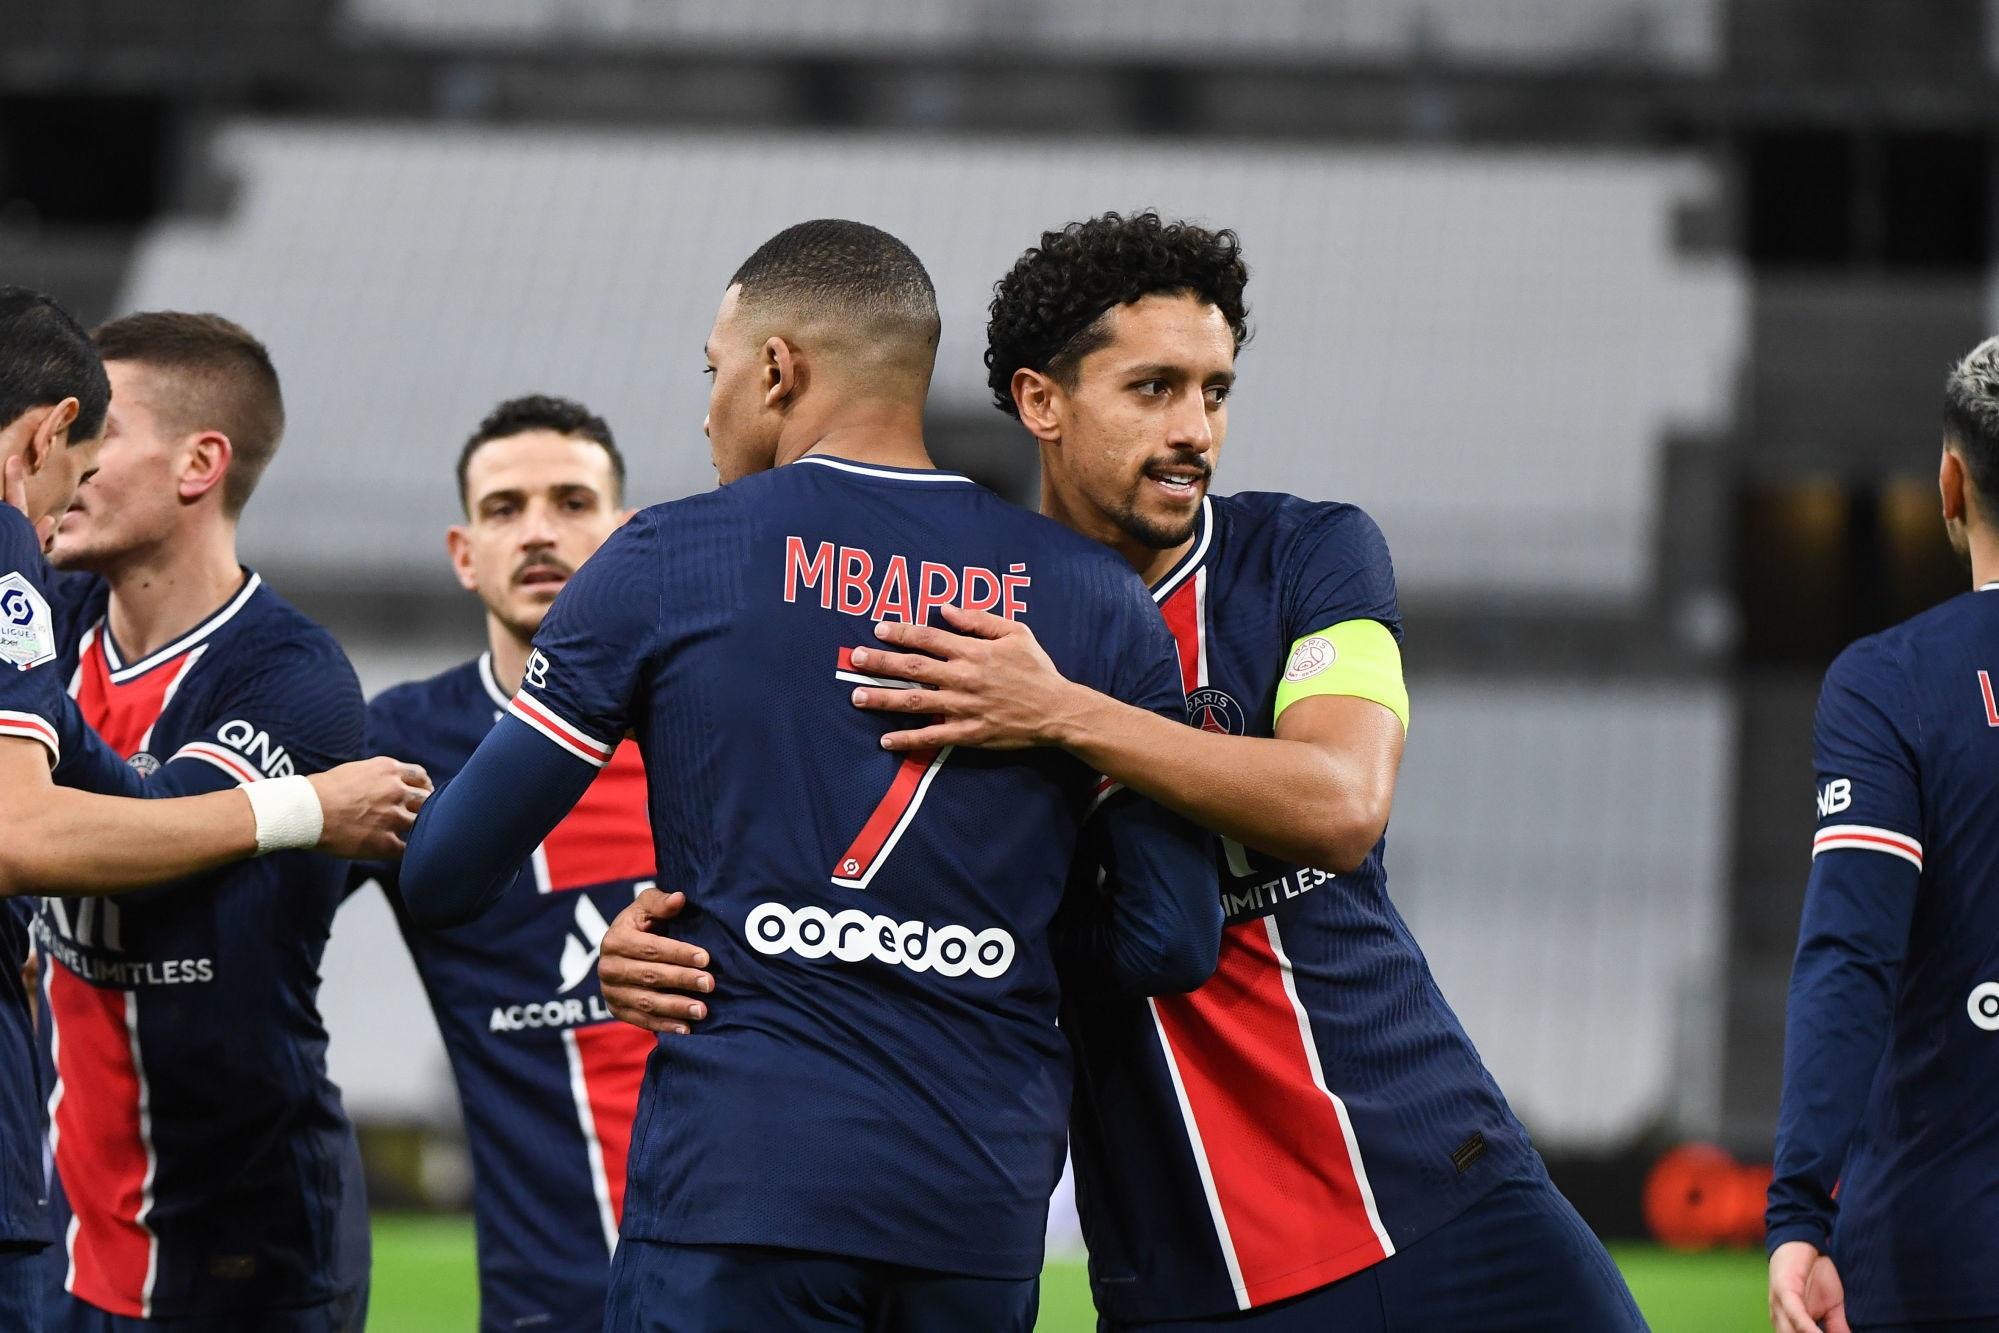 Mbappé et Marquinhos à égalité pour le plus beau but du PSG en avril